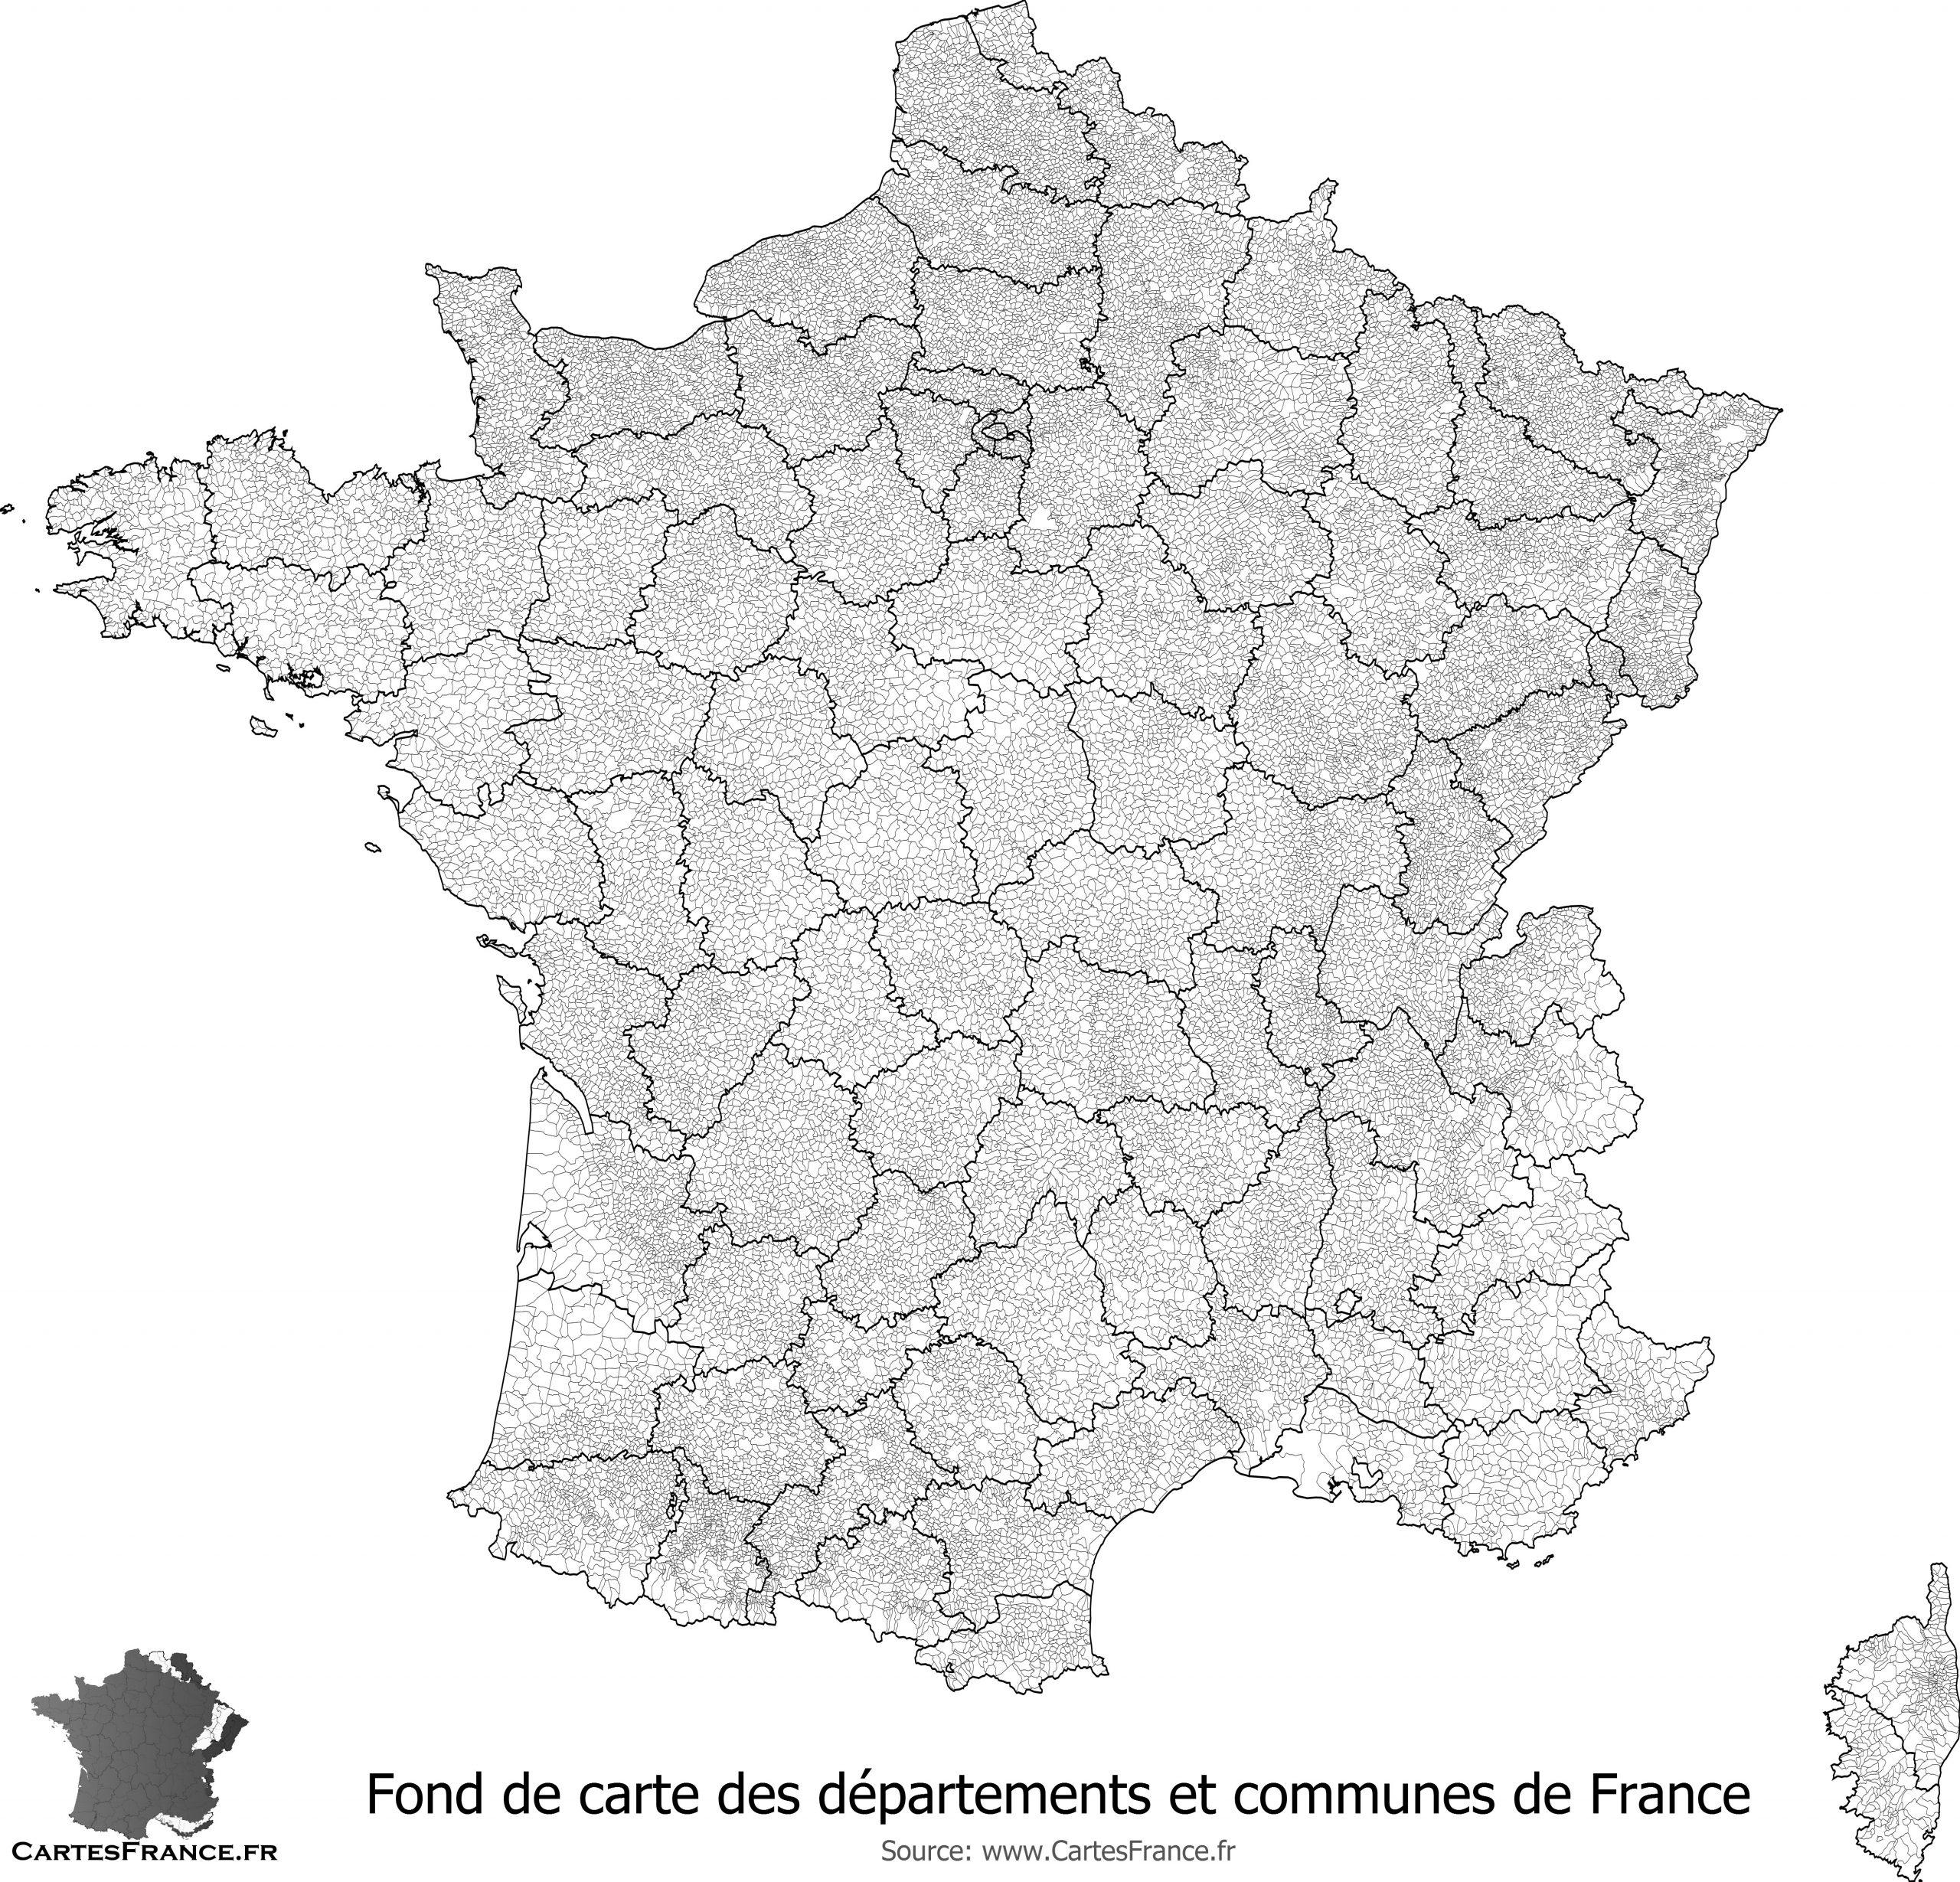 Fond De Carte Des Départements Et Communes De France tout Carte De France Numéro Département